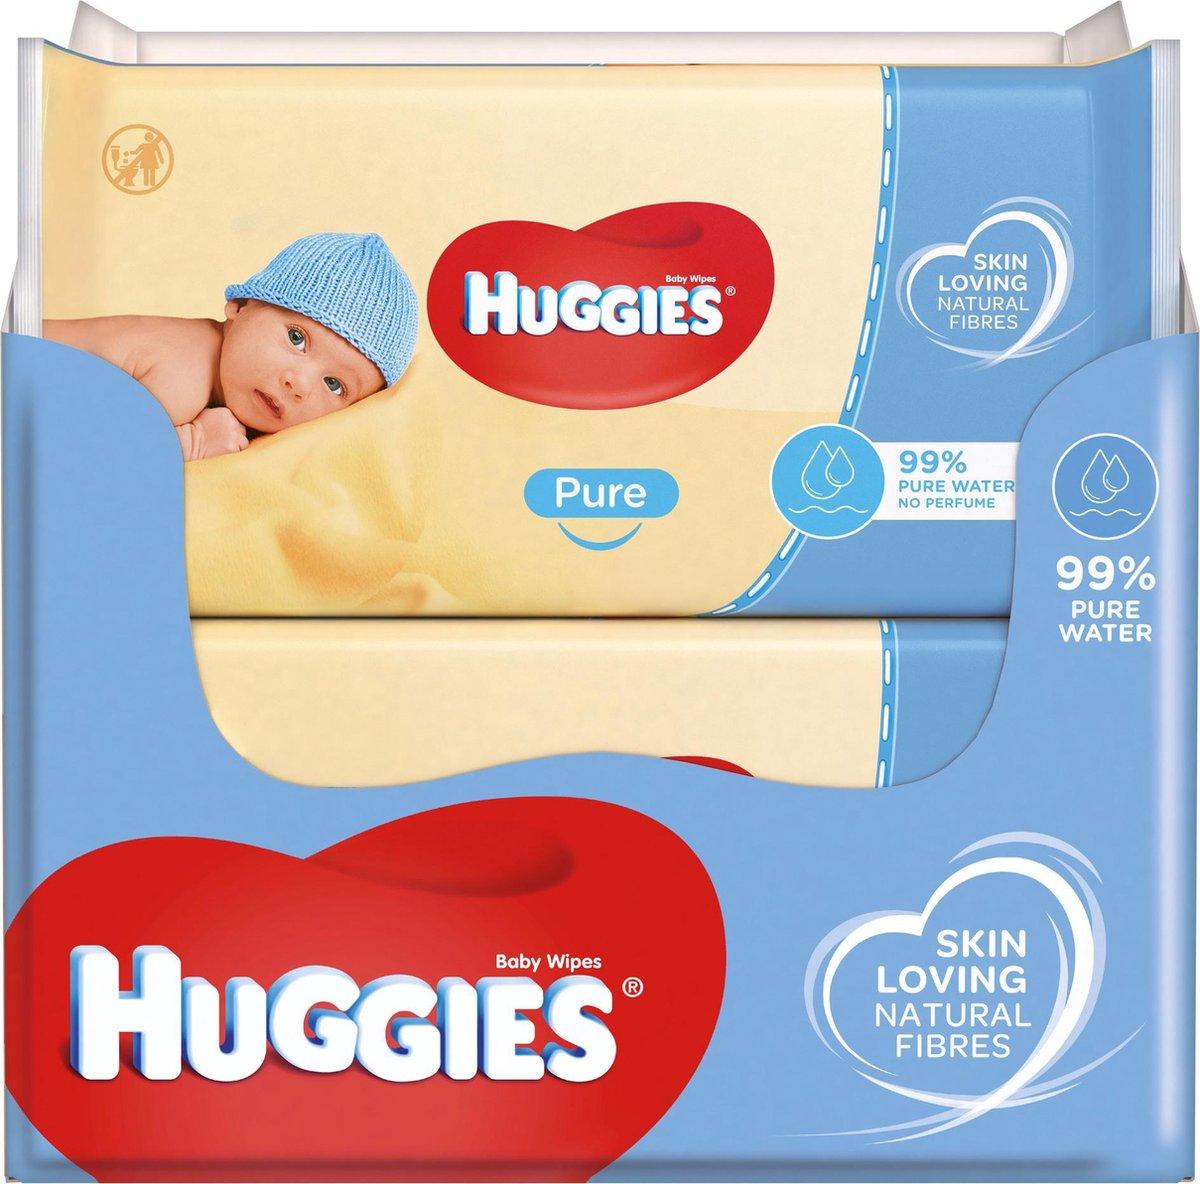 Huggies billendoekjes - Pure 99% water - 1008 doekjes